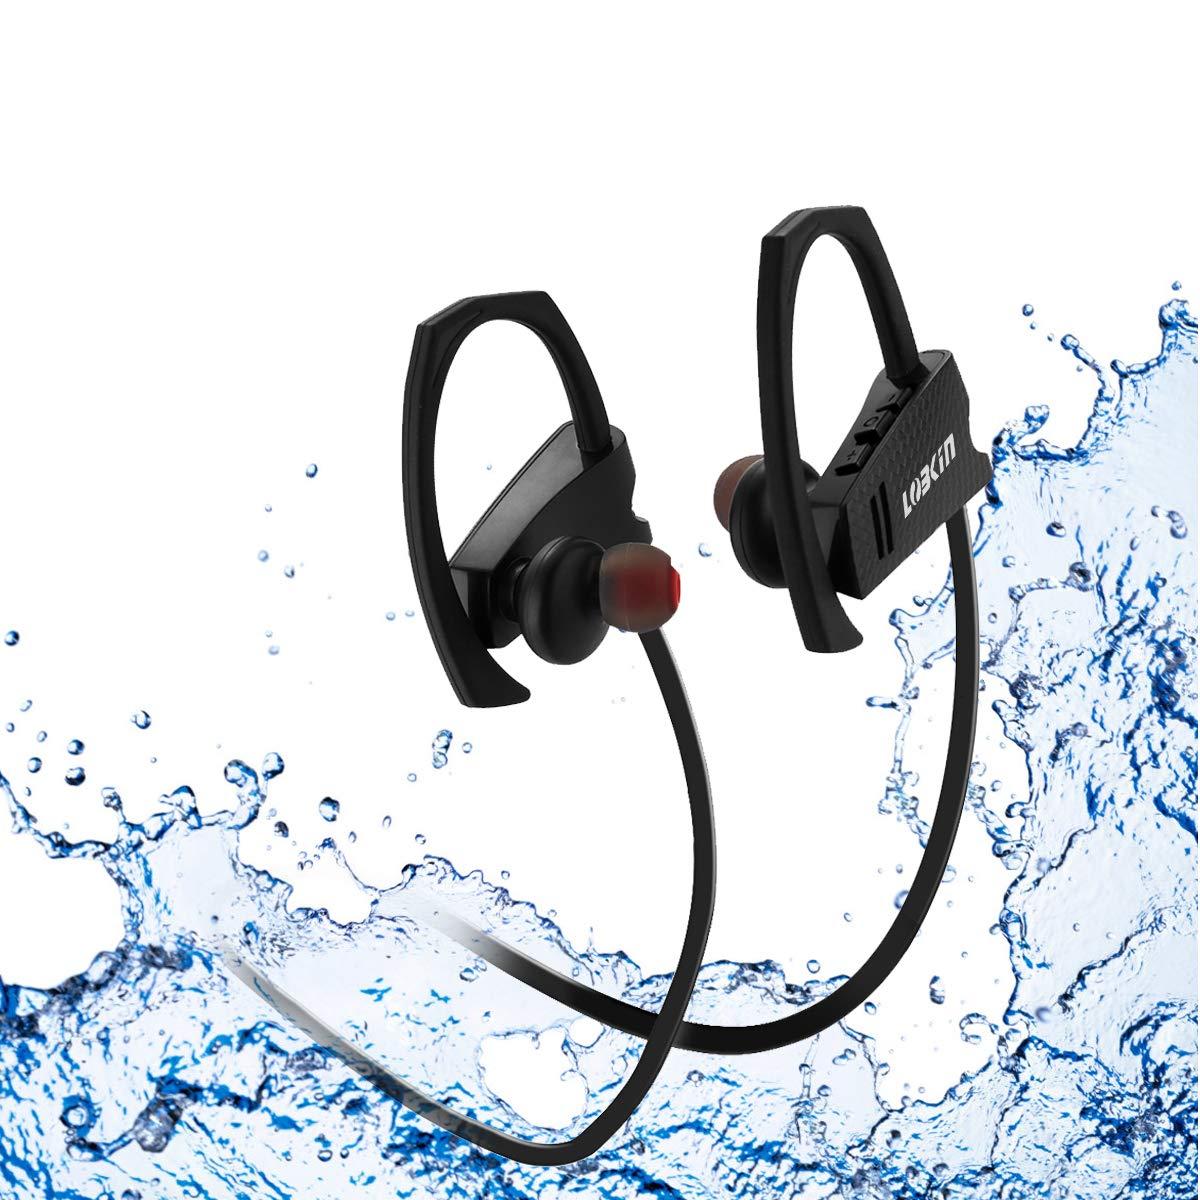 LOBKIN Auriculares Bluetooth Deportivos, Resistentes Al Sudor, con Una Autonomia de hasta 6 Horas Sonido. con Tecnologia CVC 6.0 de Eliminacion de Ruido (Negro-2)